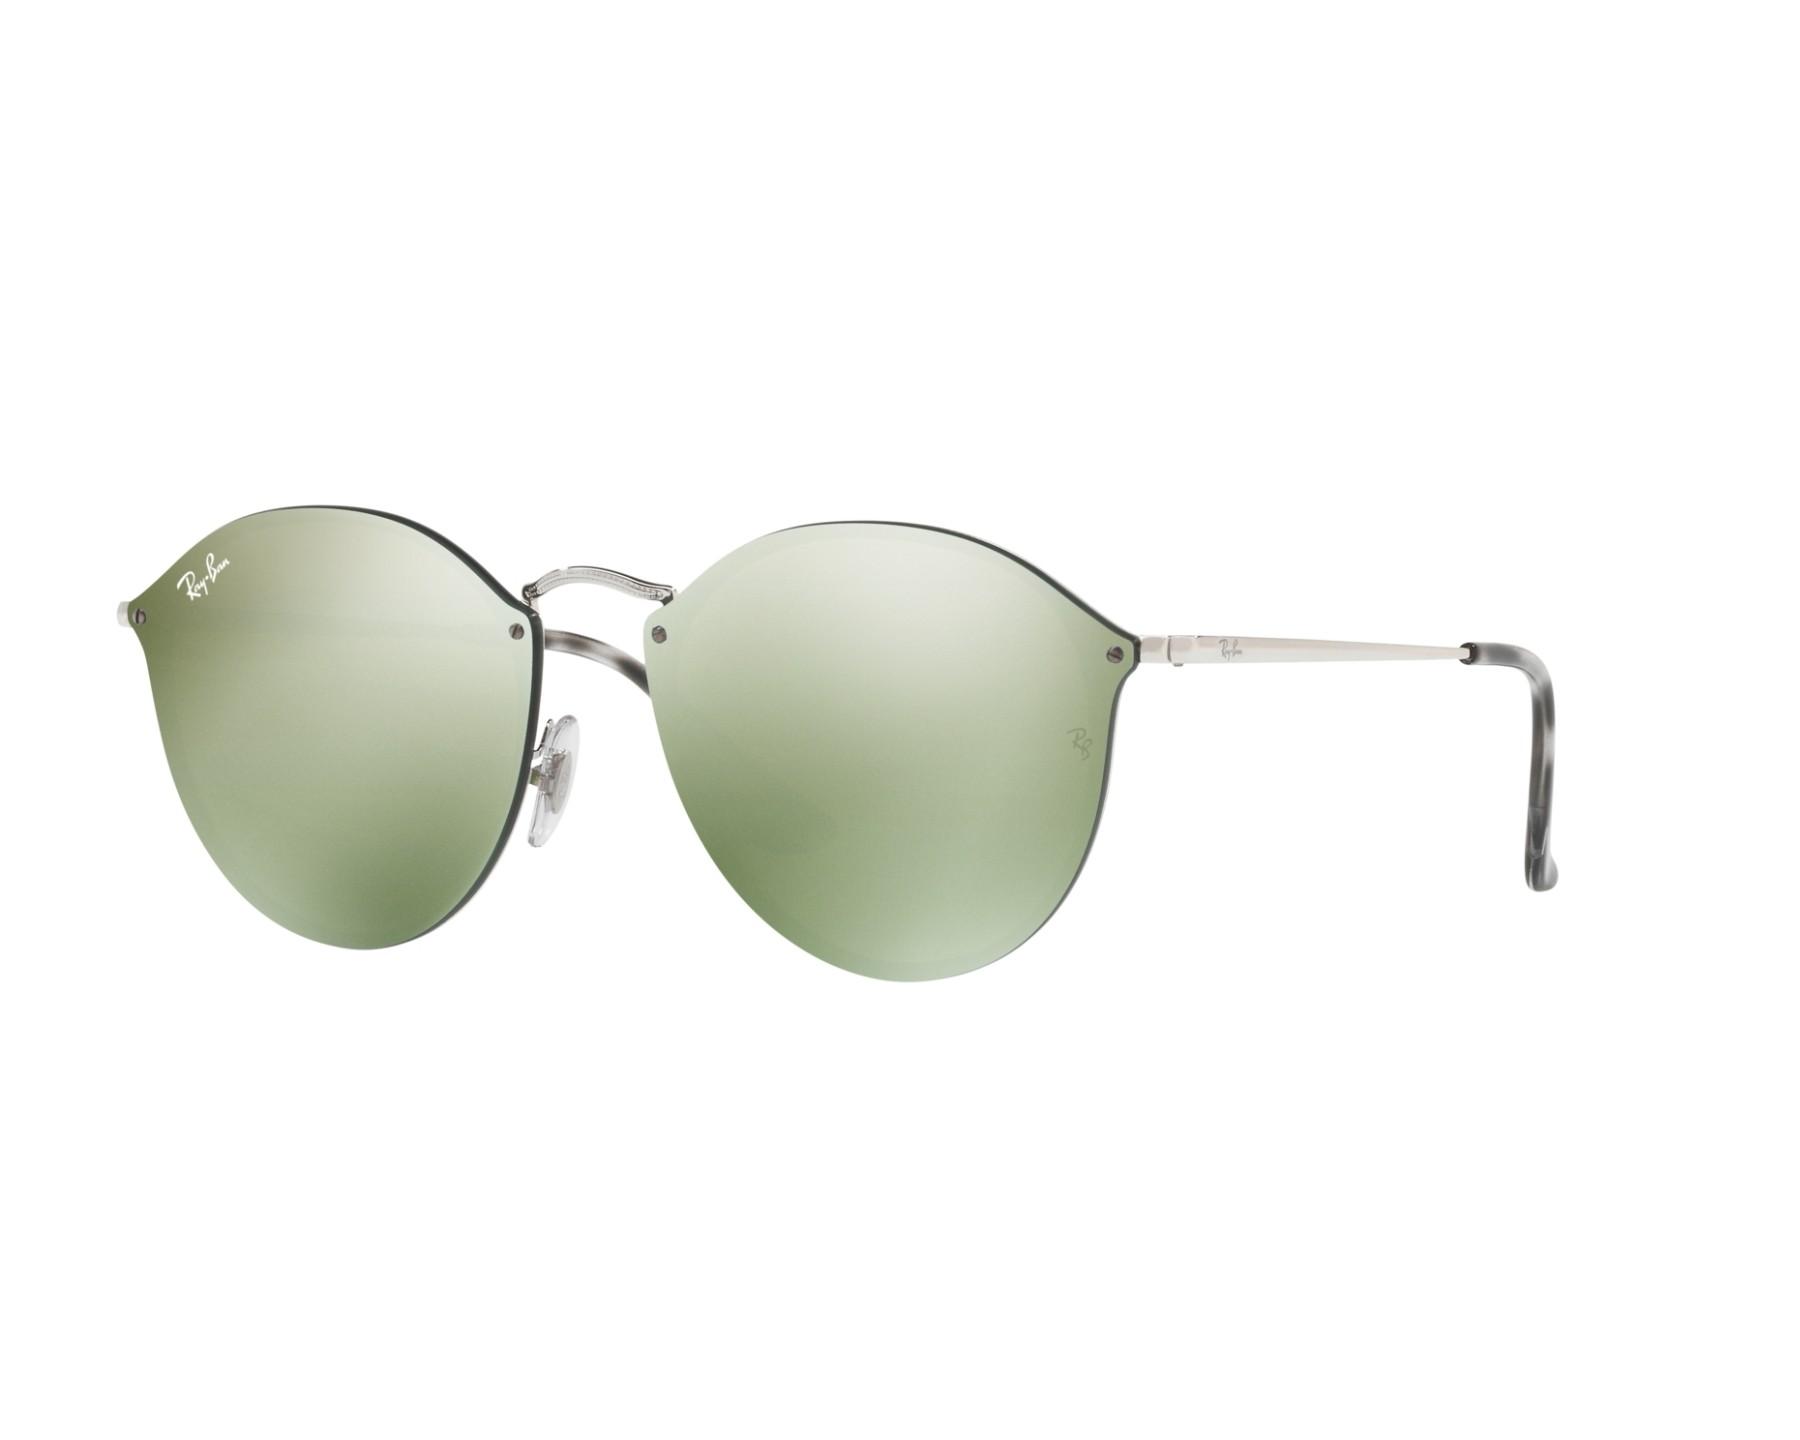 lunette ray ban femme effet miroir